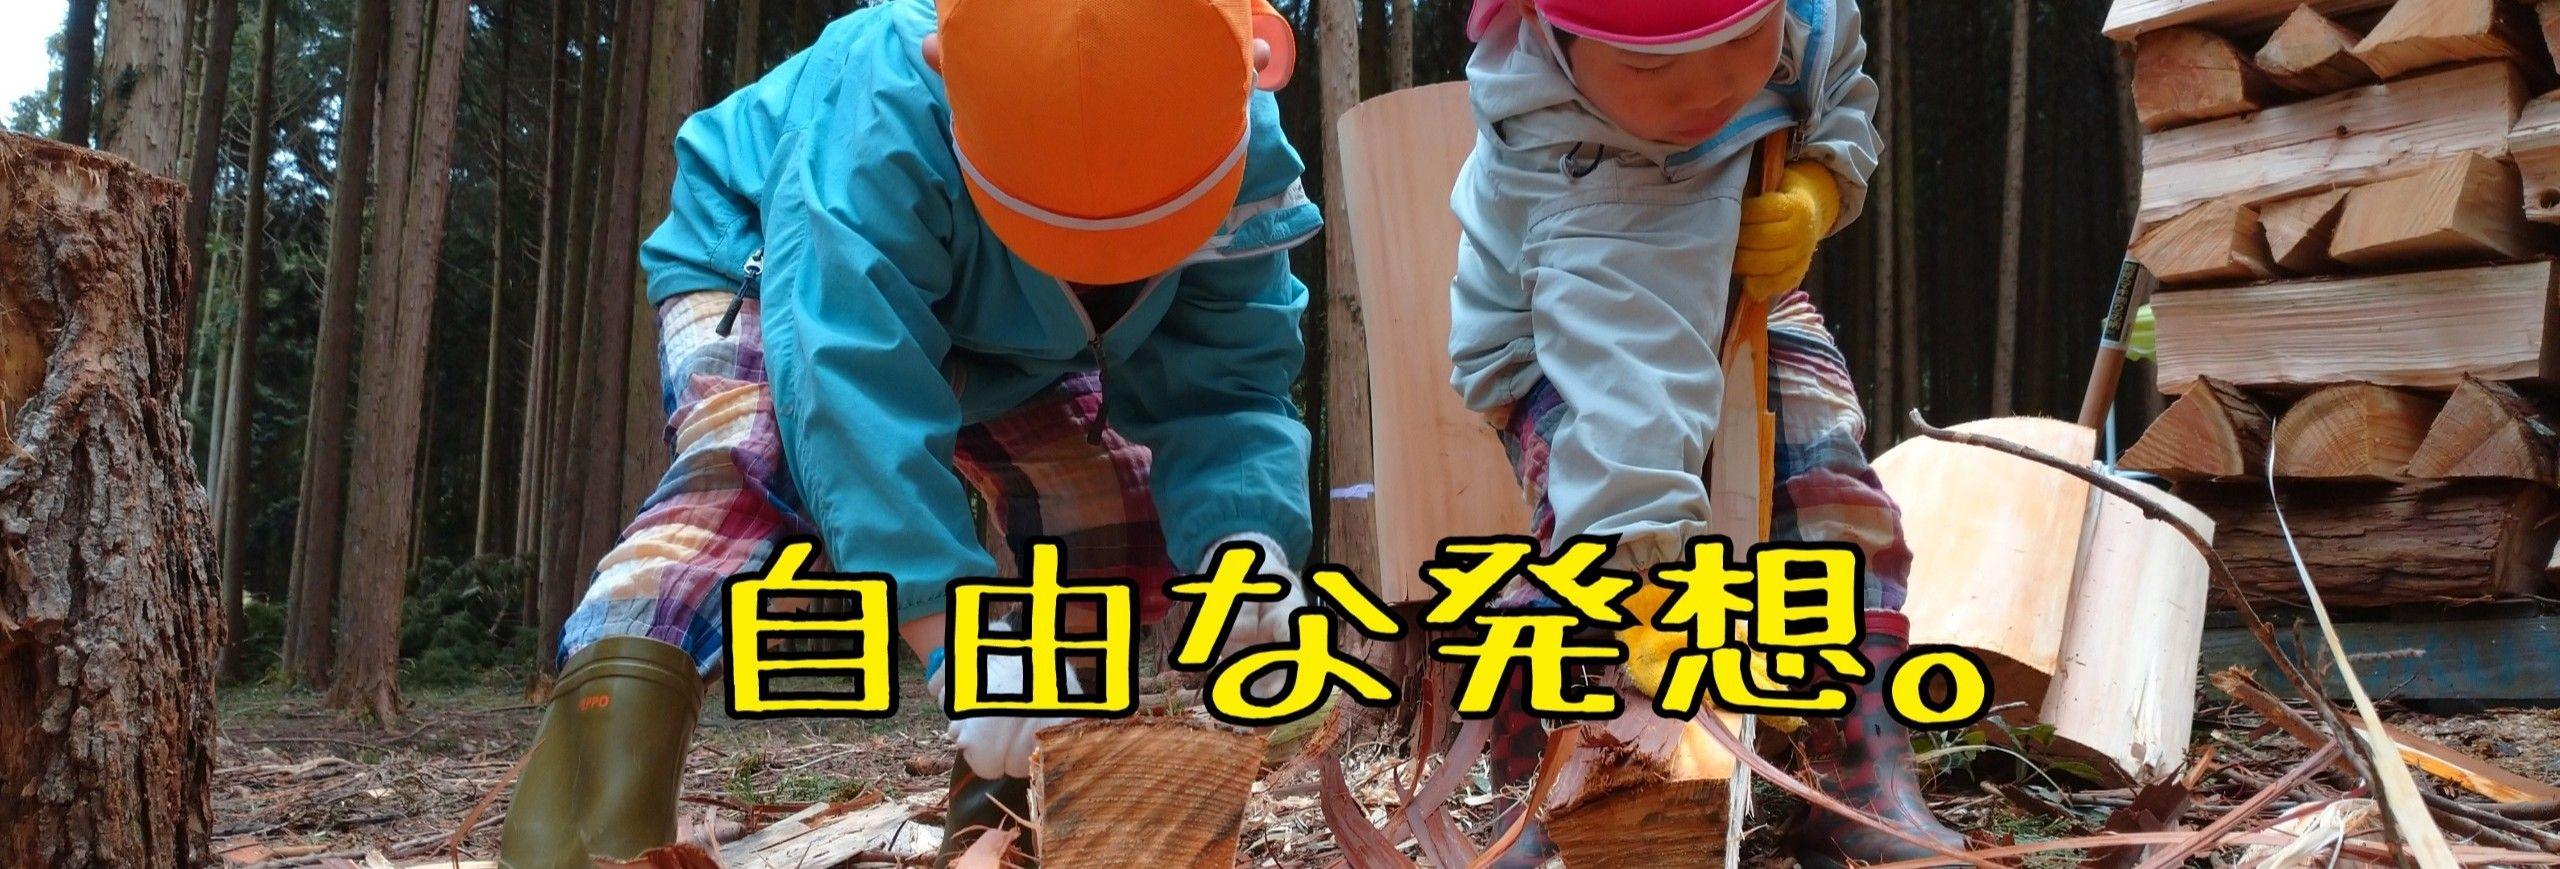 兵庫県丹波市/子どもの遊び場/        まきんこの森/遊森-yushin-